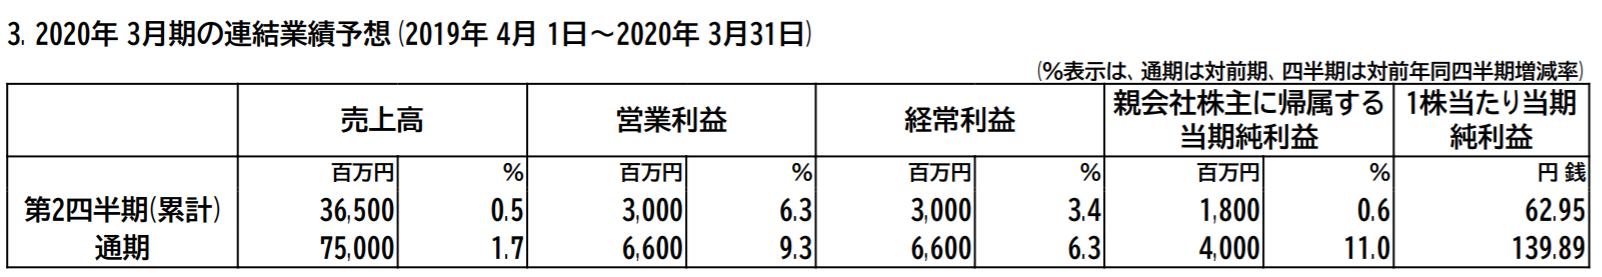 大日本塗料2020年3月期予想